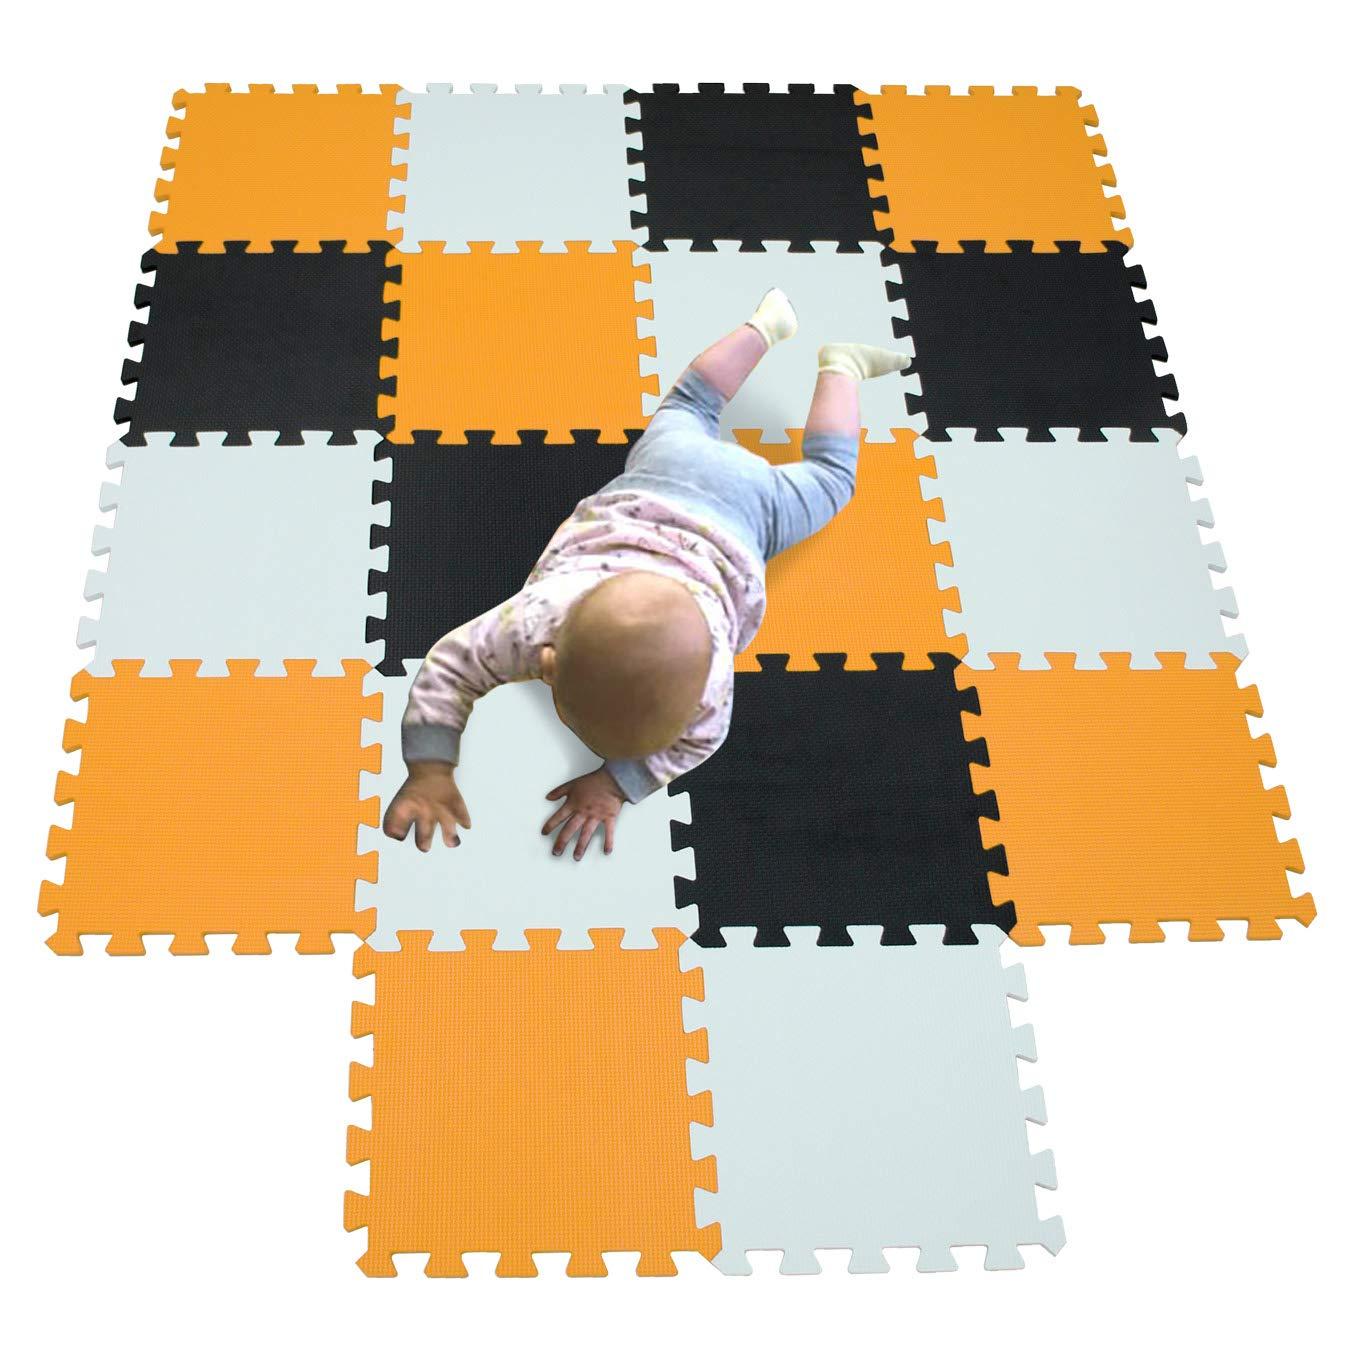 MQIAOHAM Bebe Dalle de Enfant Epais Jeu Mousse pour Protection Puzzles Sport Multicolore 5color2